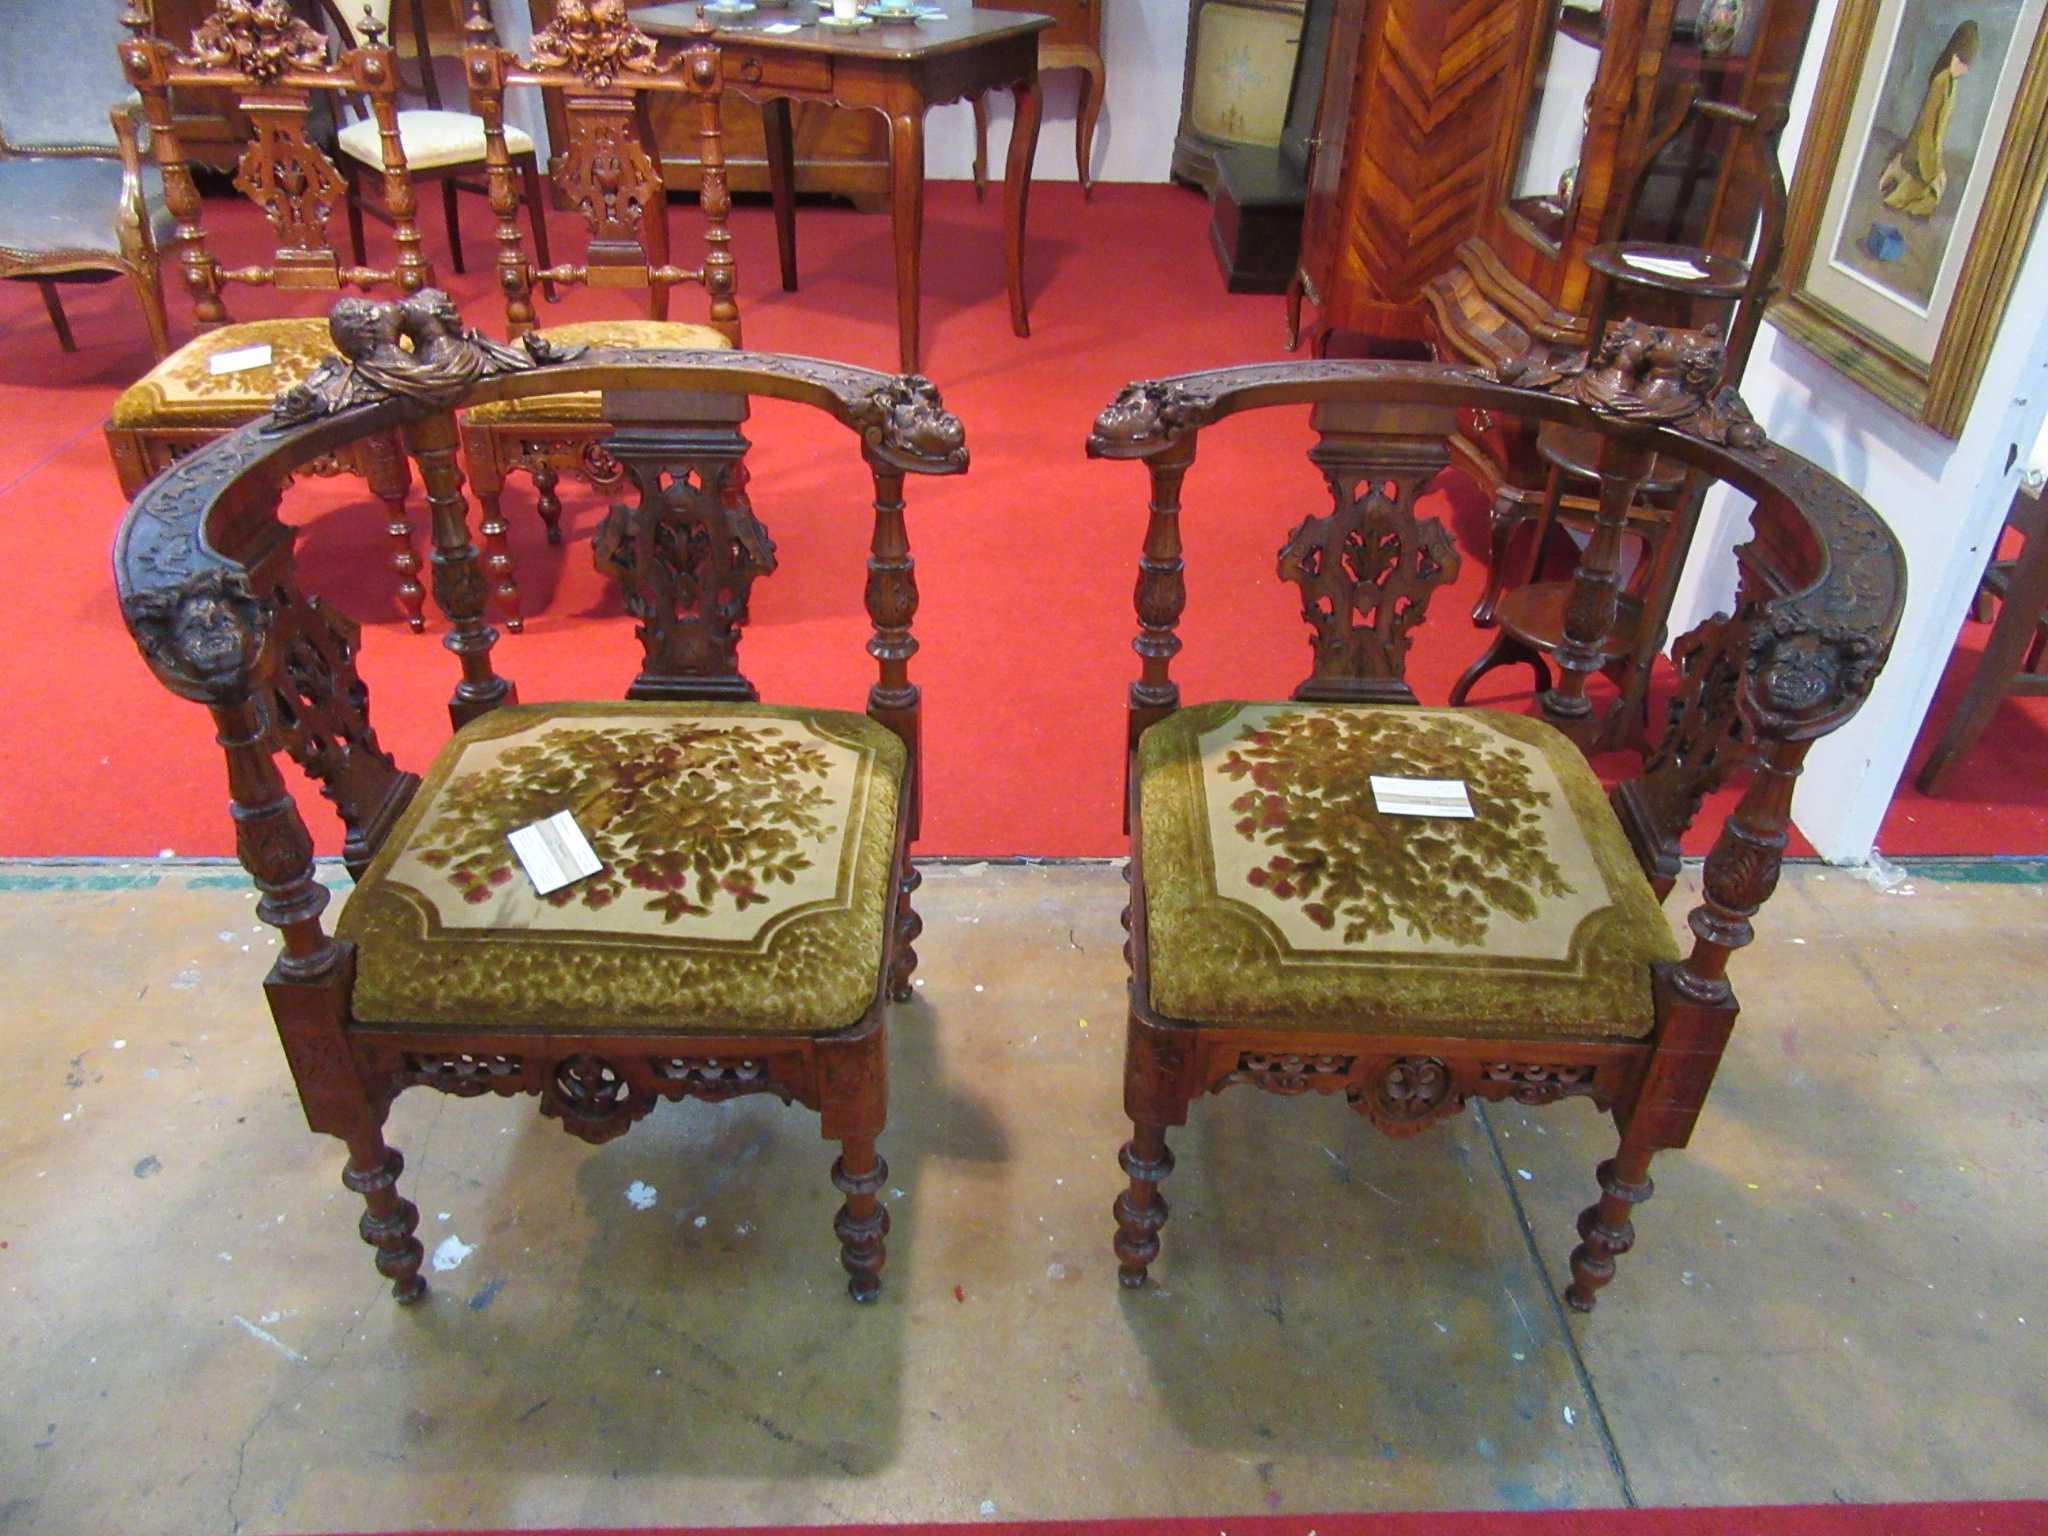 Divani poltrone sedie arredamento mobili antiquariato for Poltrone sedie